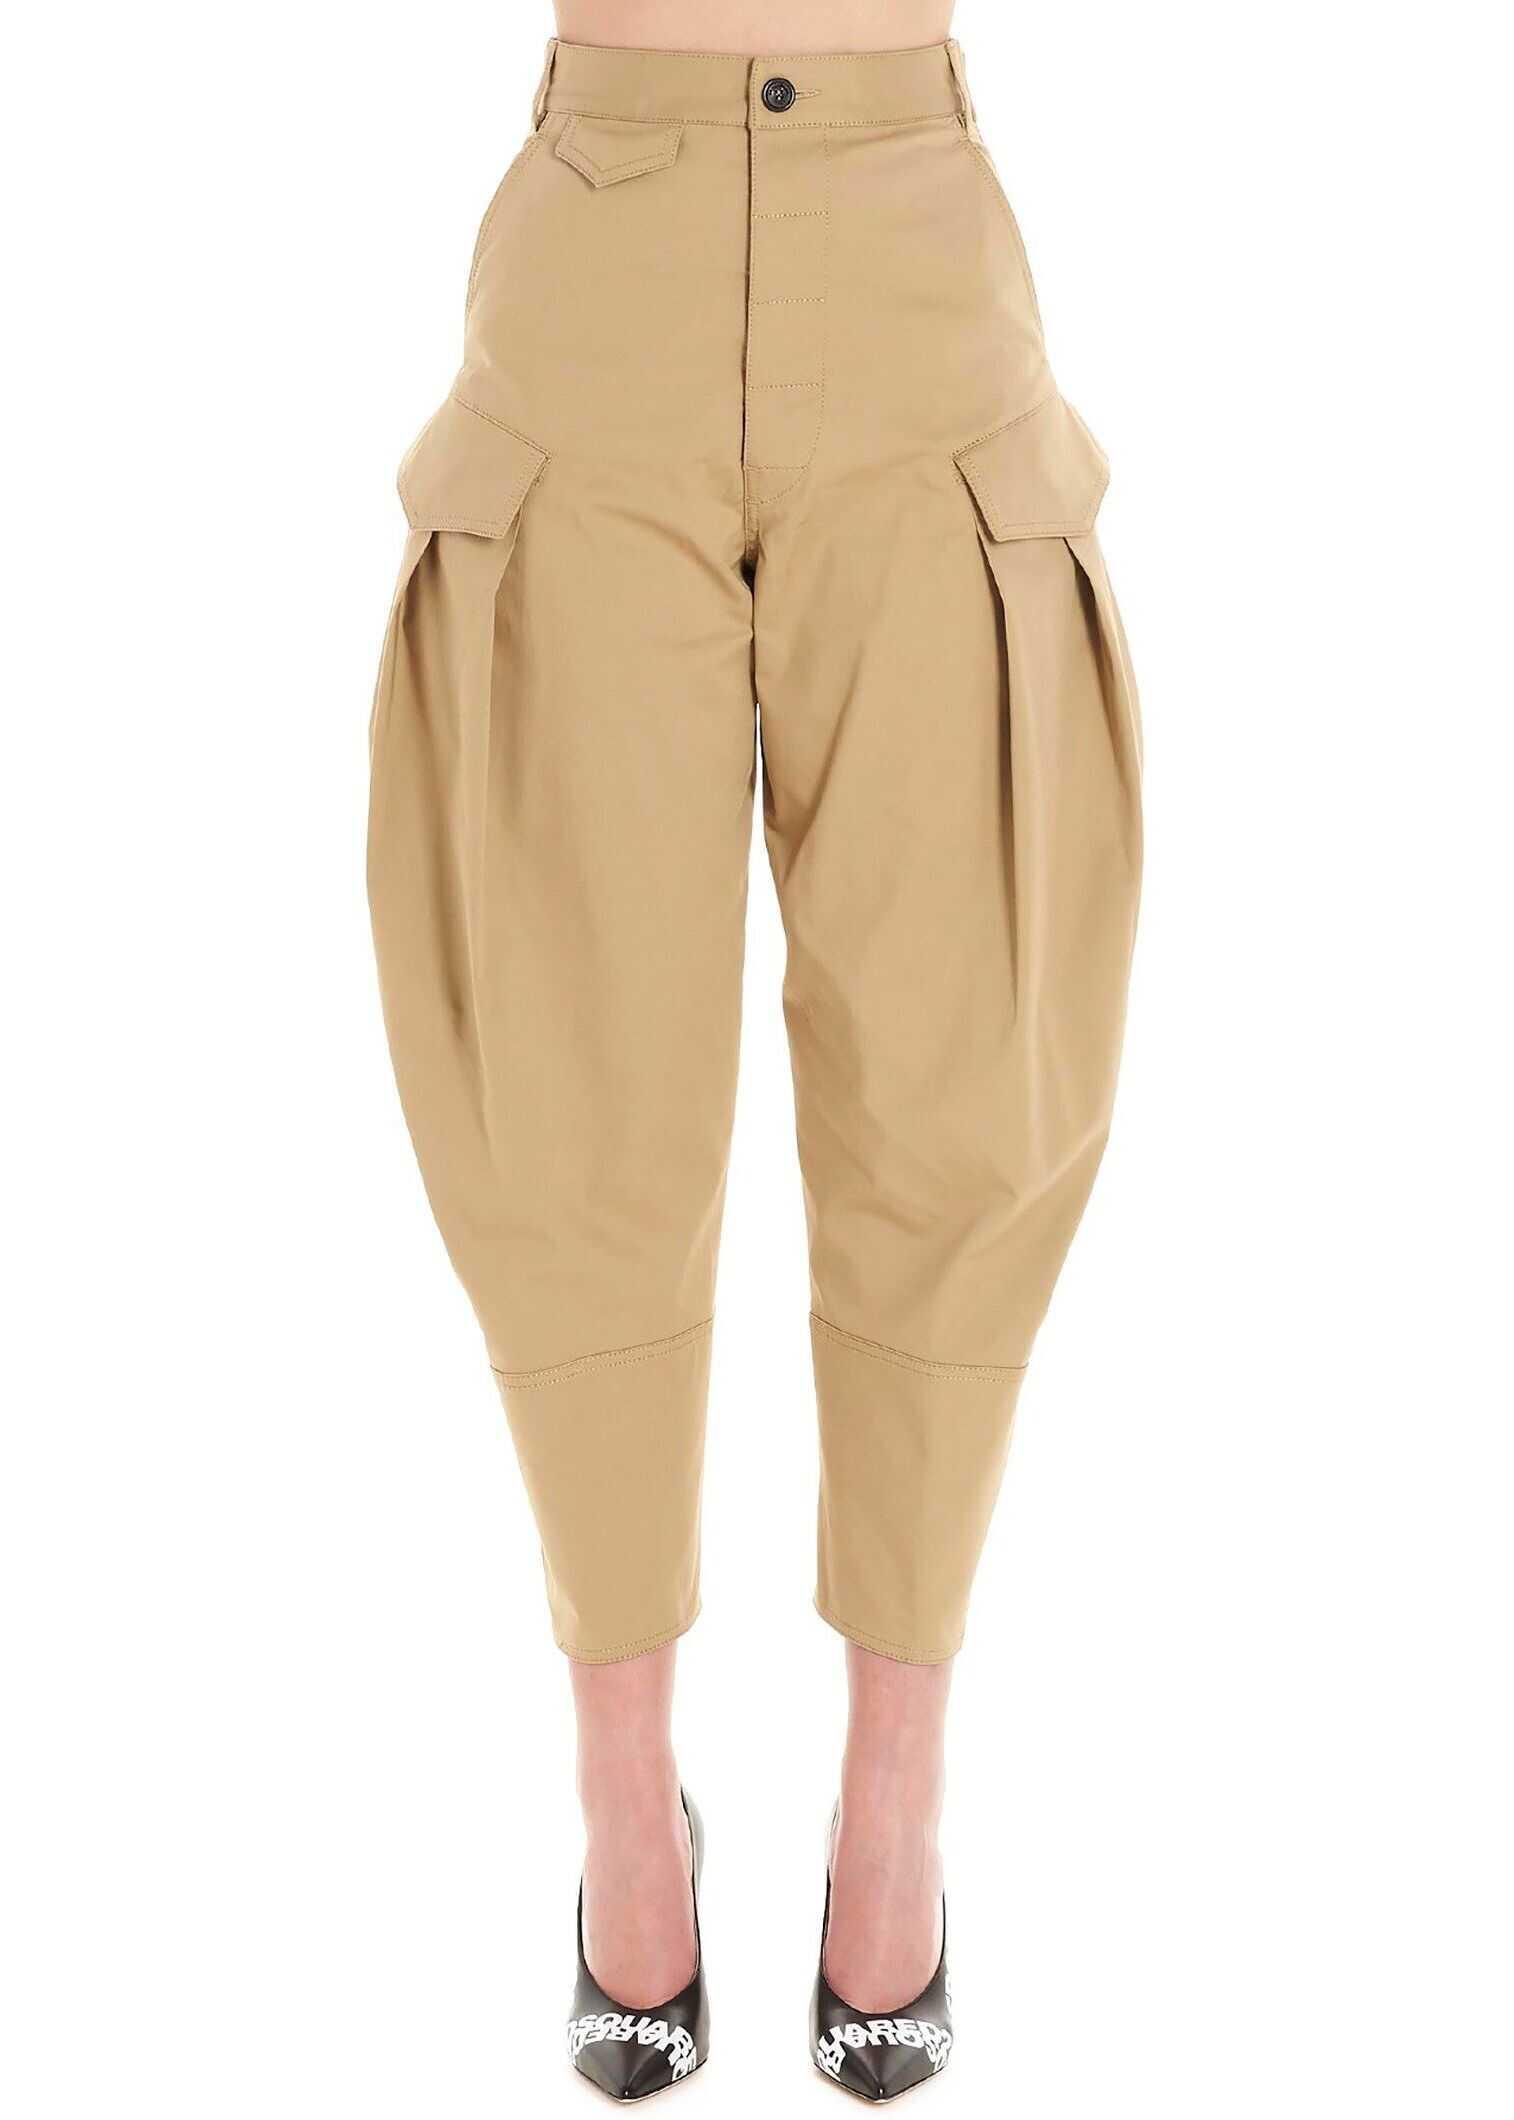 DSQUARED2 Cotton Pants BEIGE